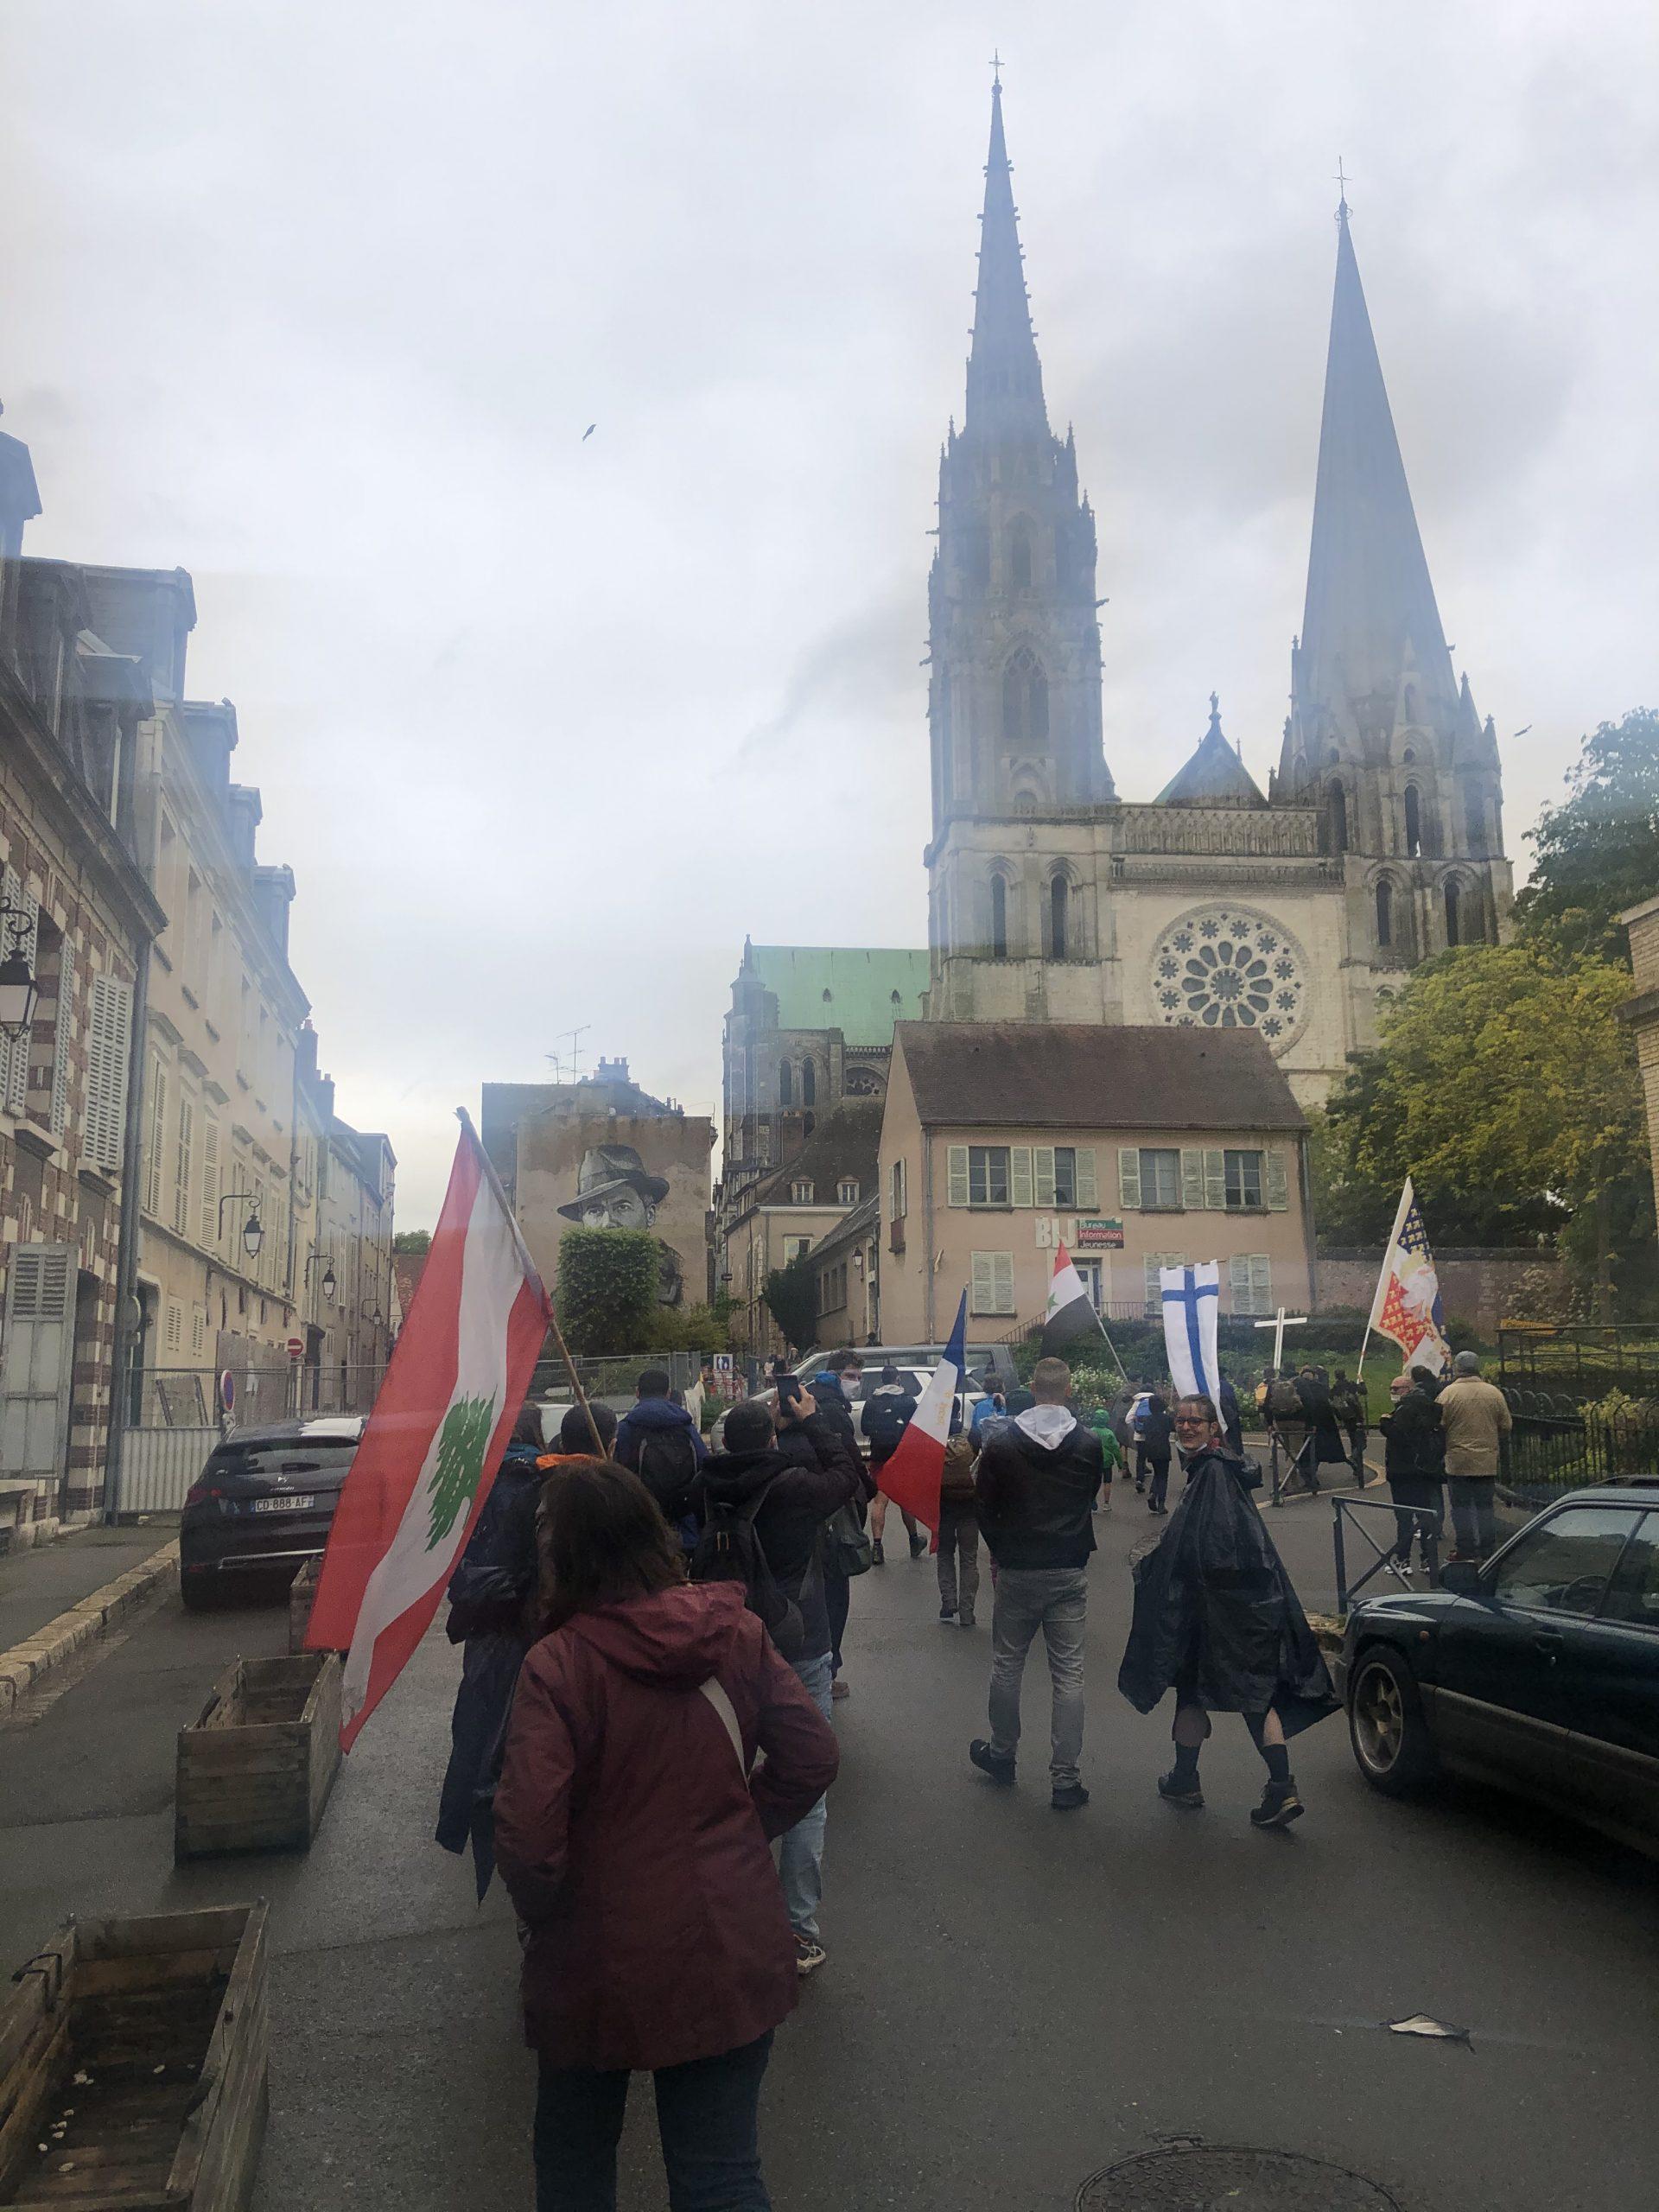 Lundi de Pentecôte: arrivée des pèlerins à la cathédrale de Chartres